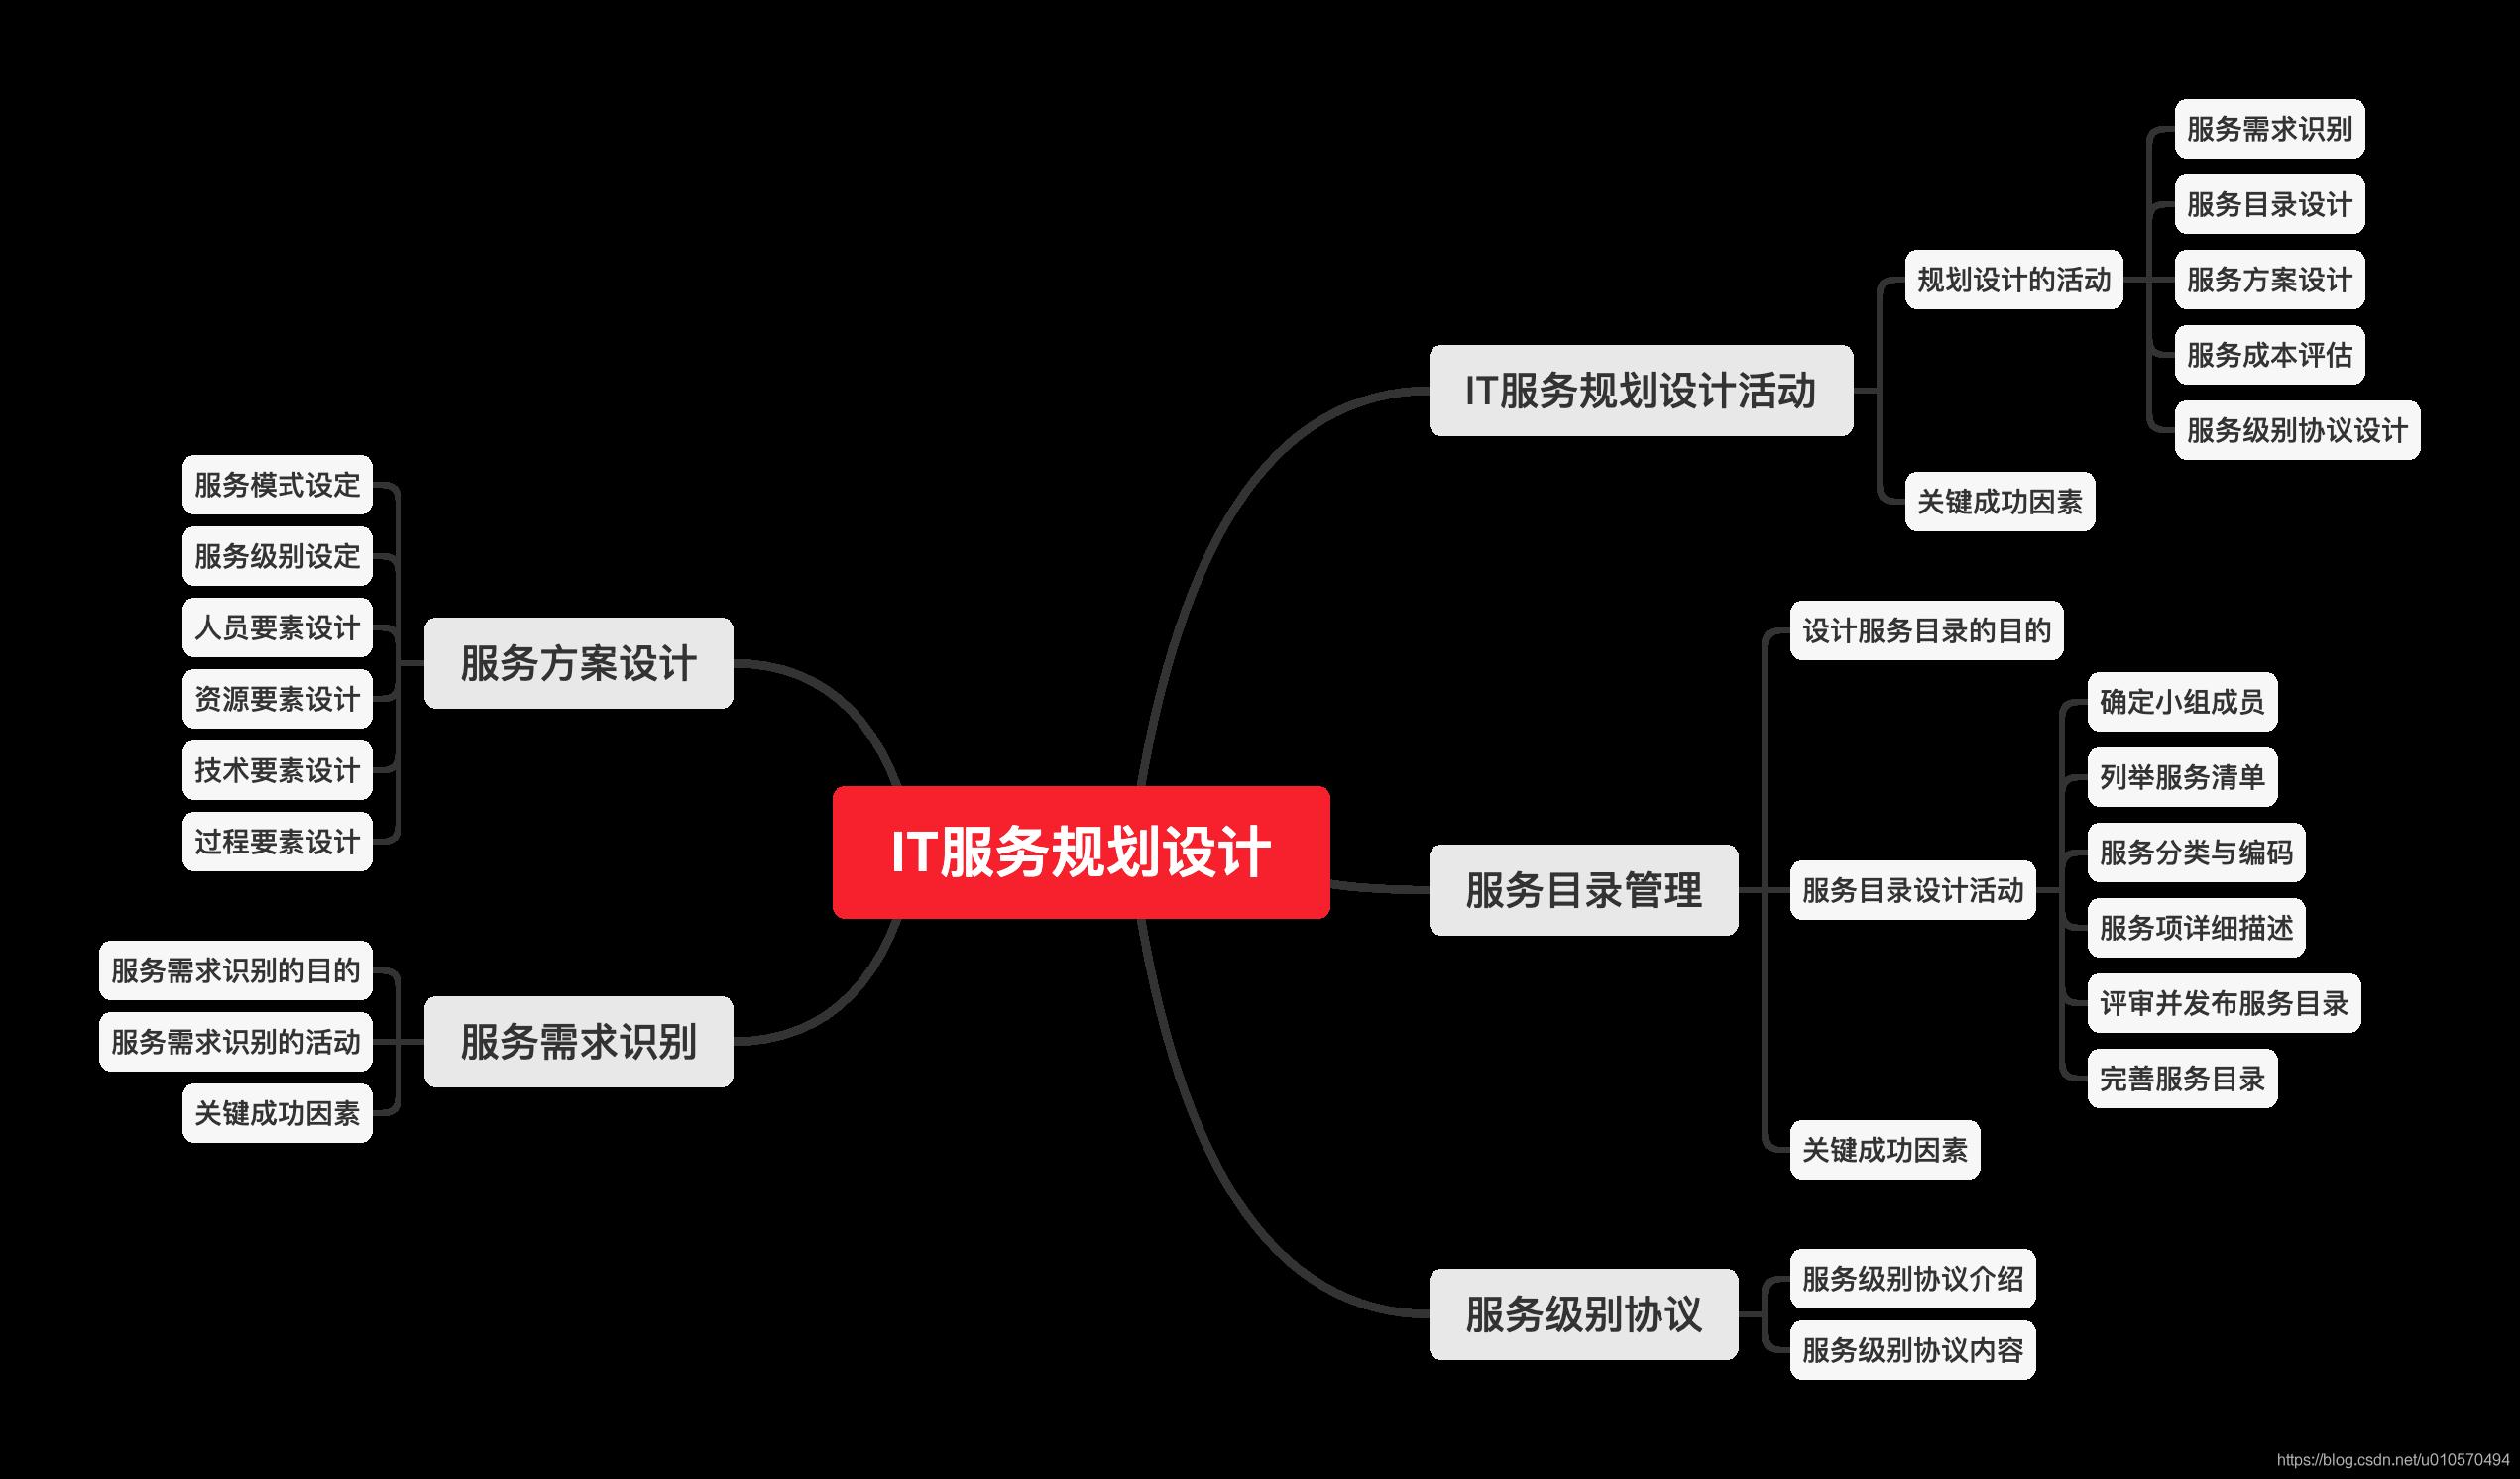 IT服务规划设计